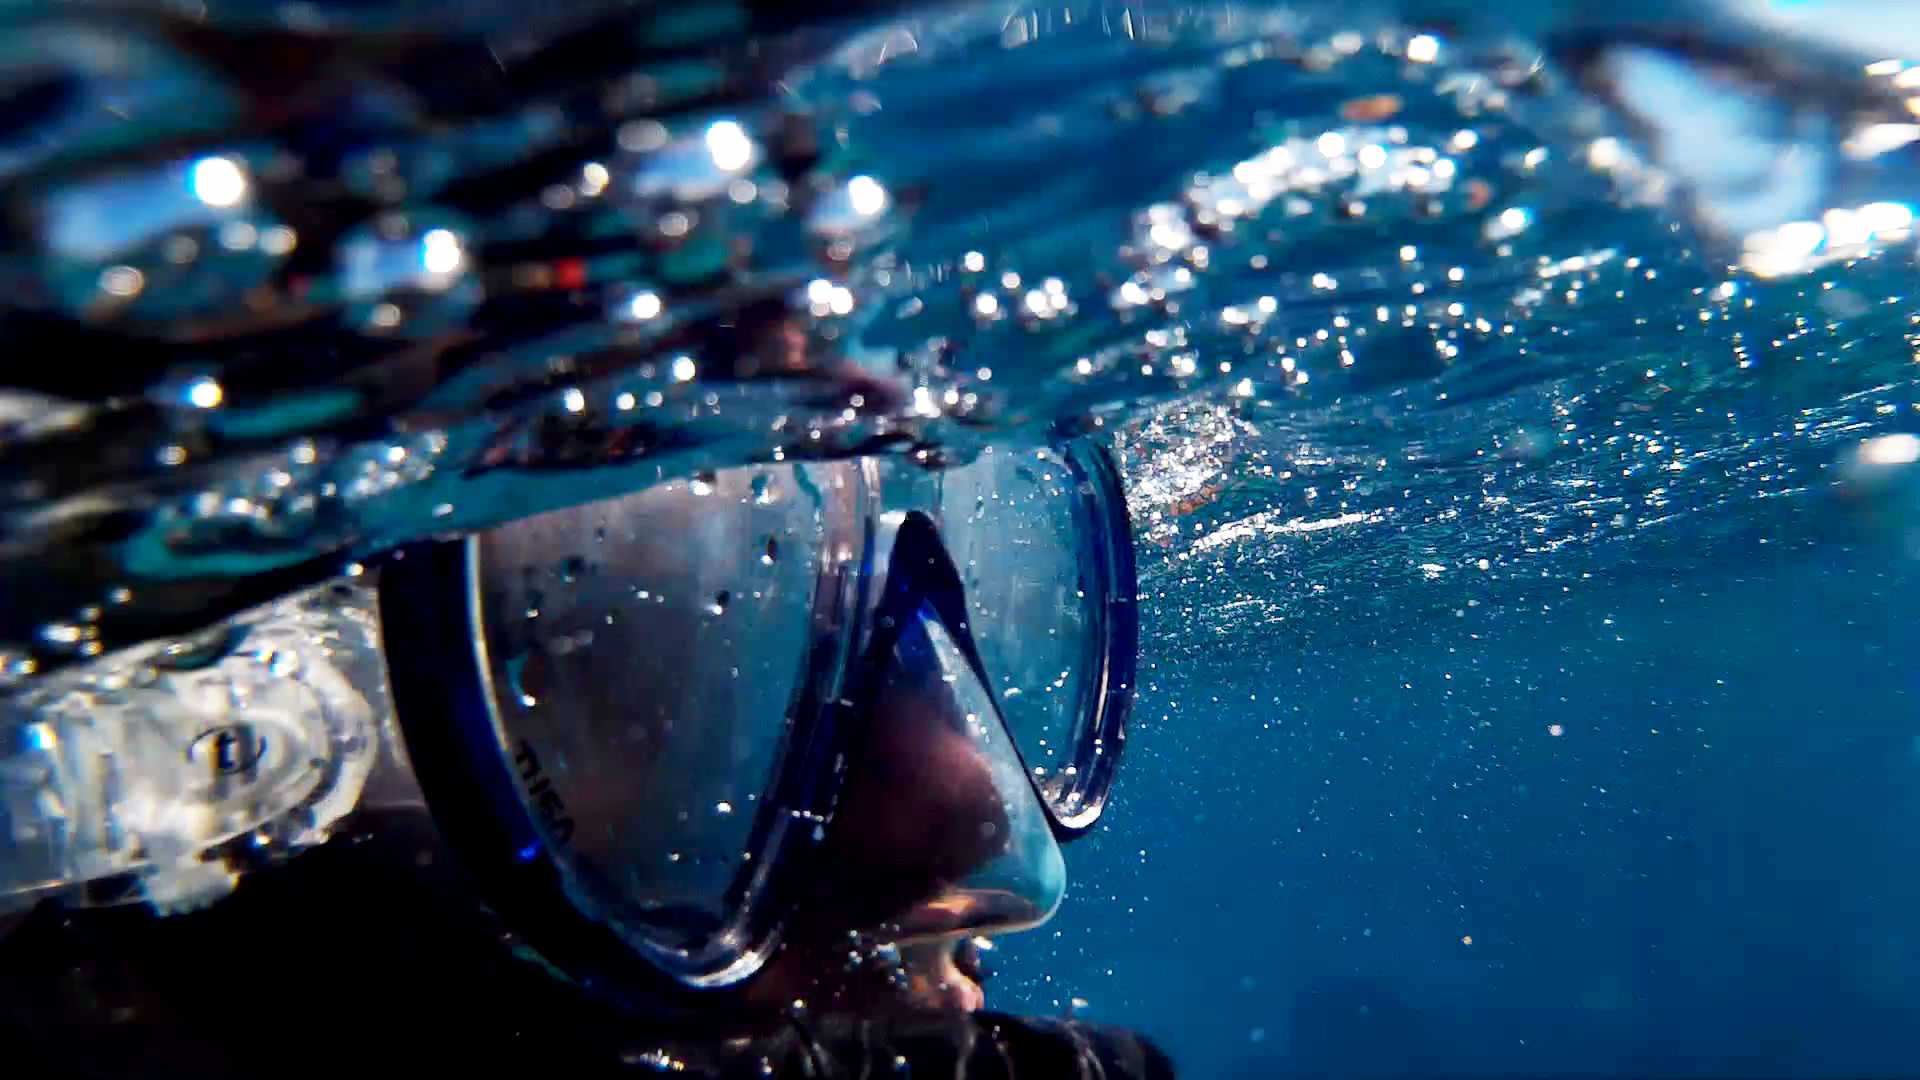 Snorkeling La Palma: Escursione Ecoturismo La Palma istruttore PADI La Palma Natural - Isole Canarietrekking snorkel snolkeling visite guidate noleggio La Palma Isole Canarie